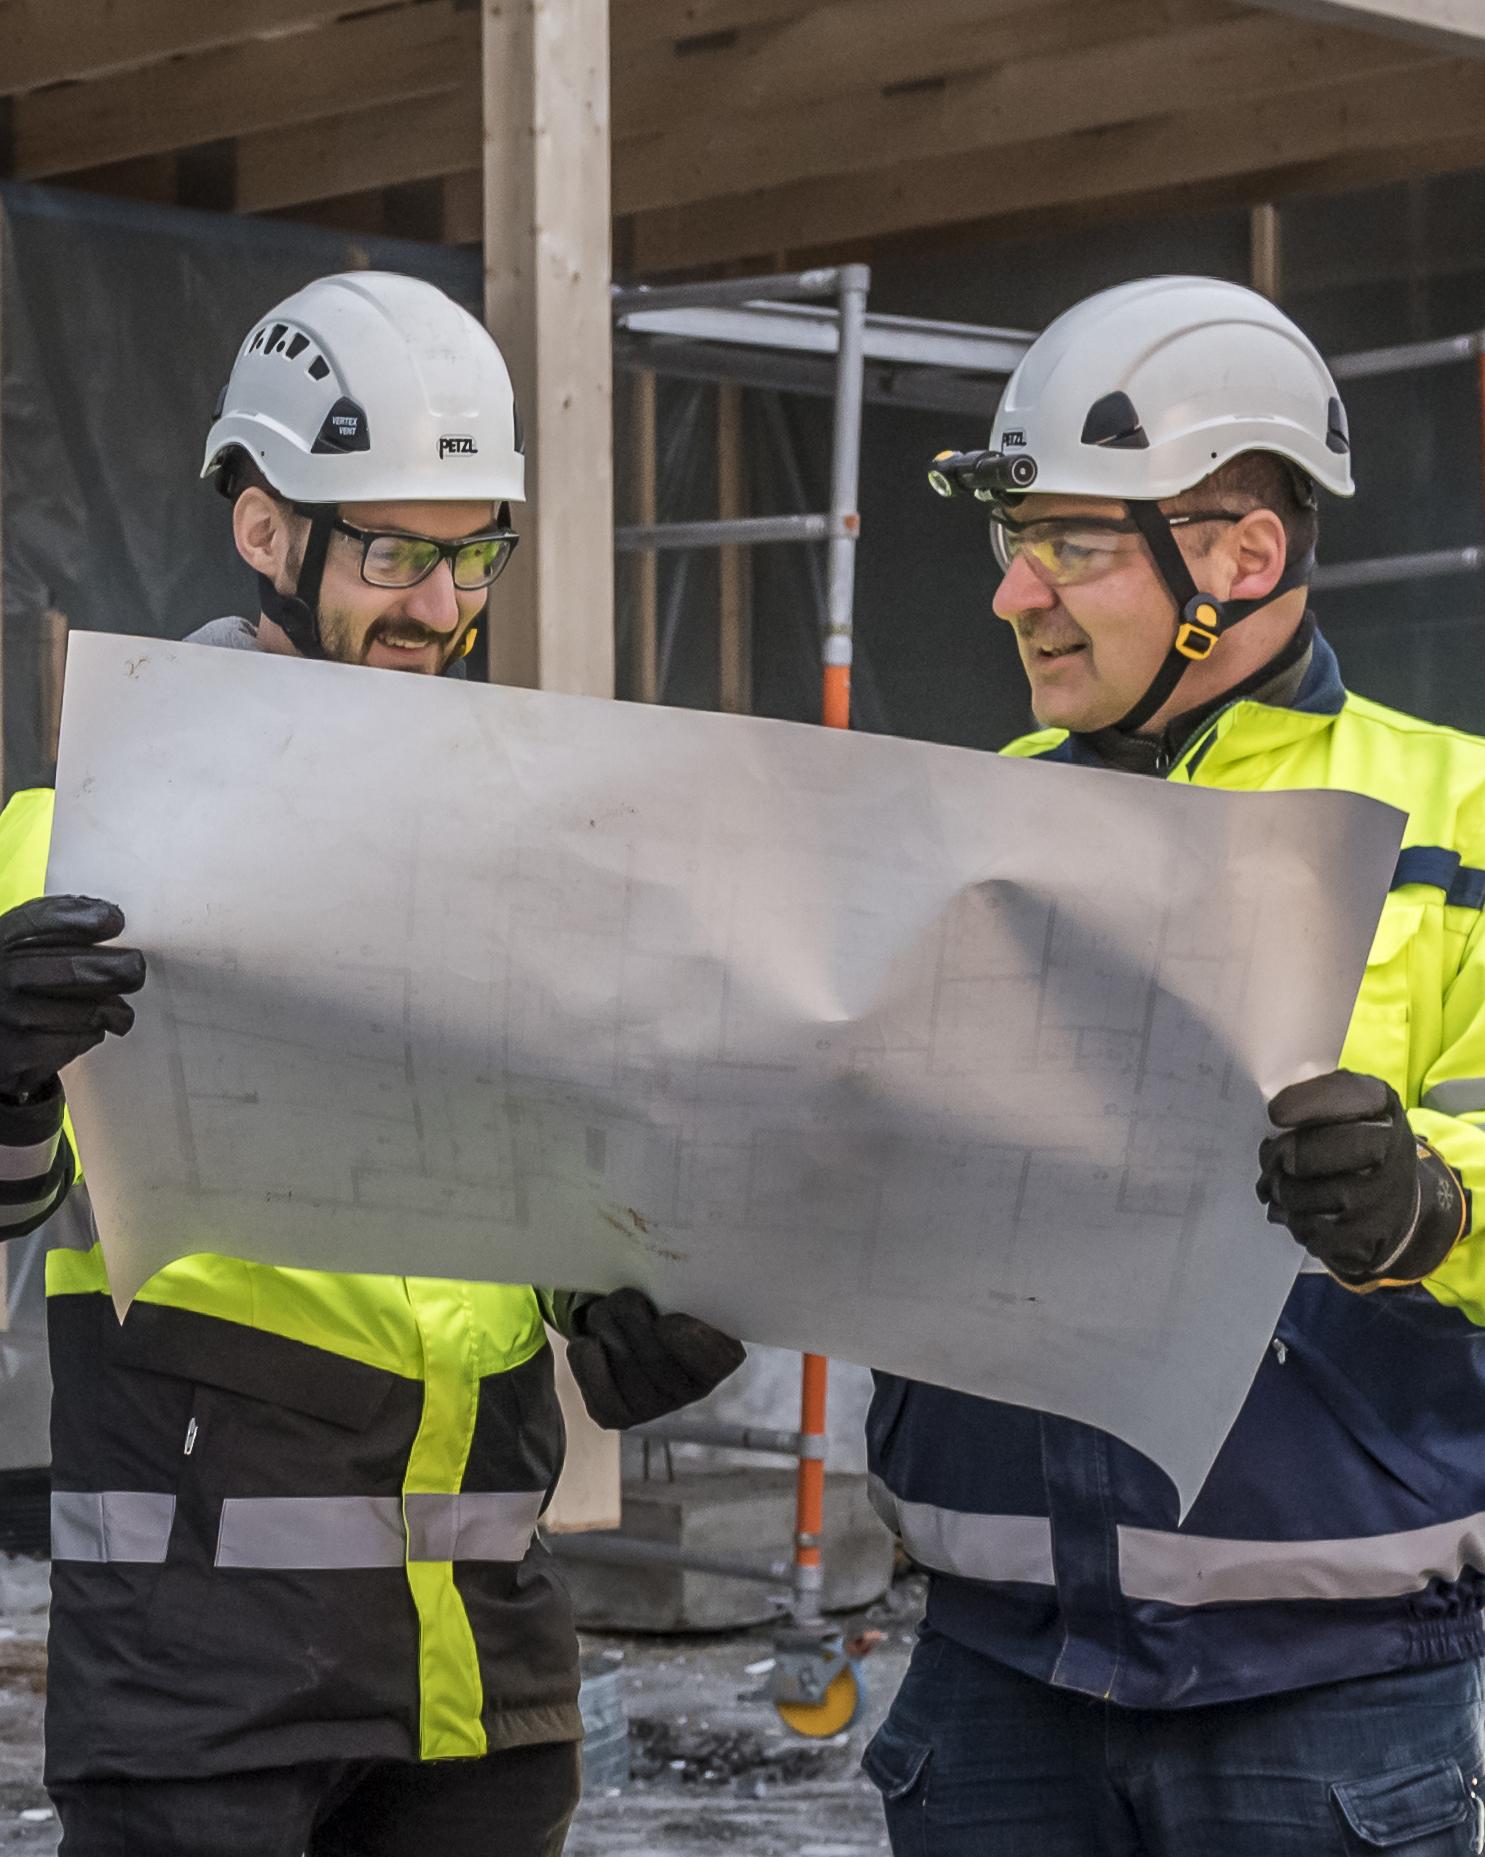 Kaksi työasuista miestä lukee suunnitelmaa rakennustyömaalla.